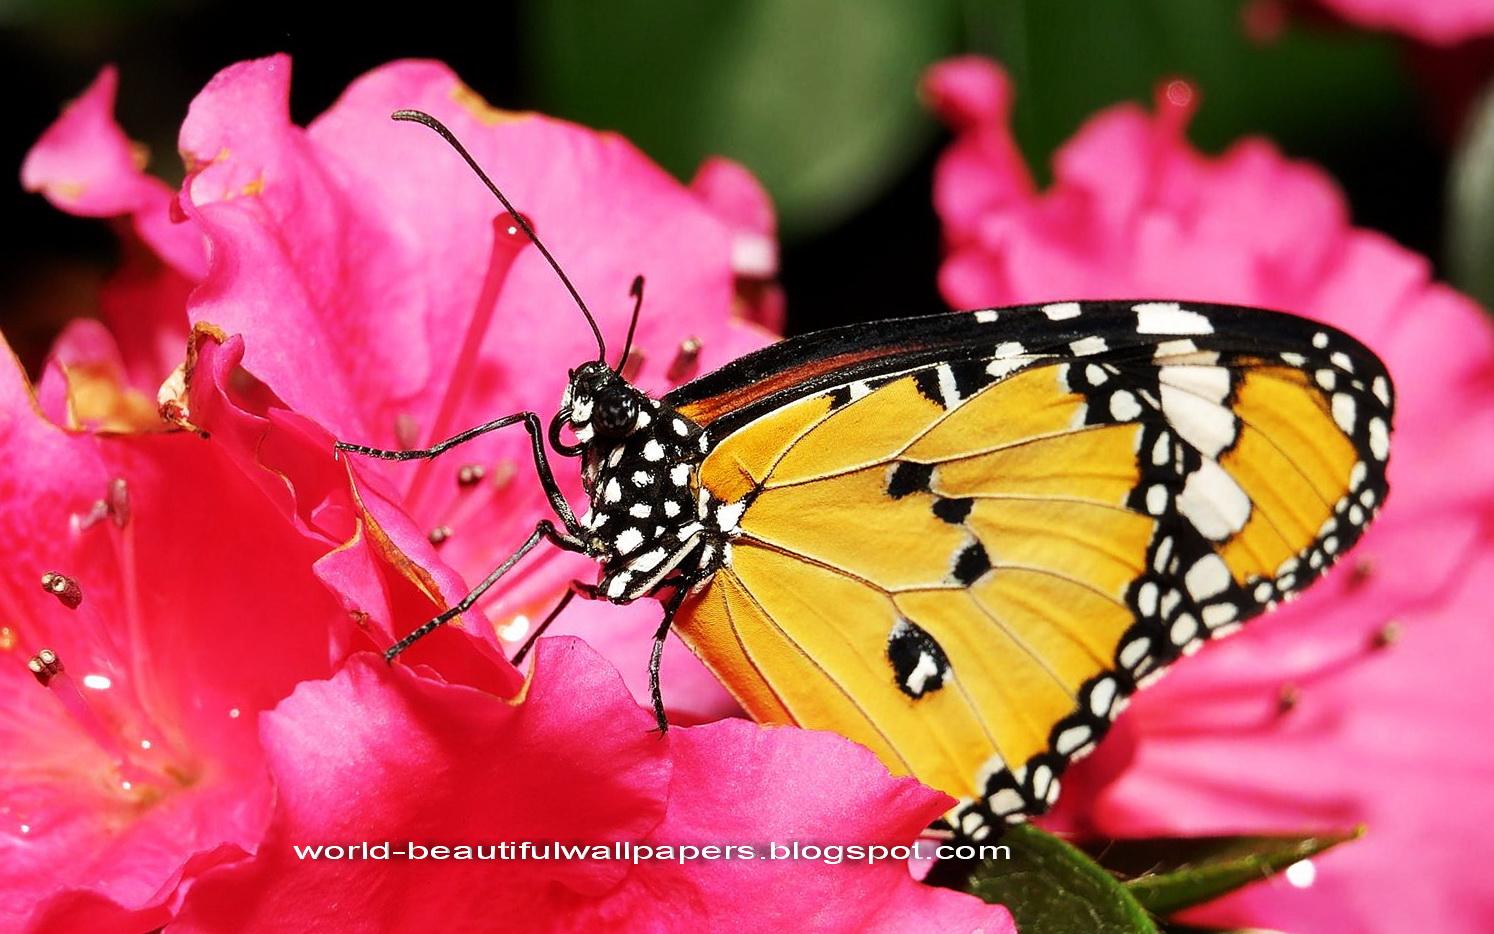 Beautiful Wallpapers Beautiful Butterflies Wallpaper 1494x934